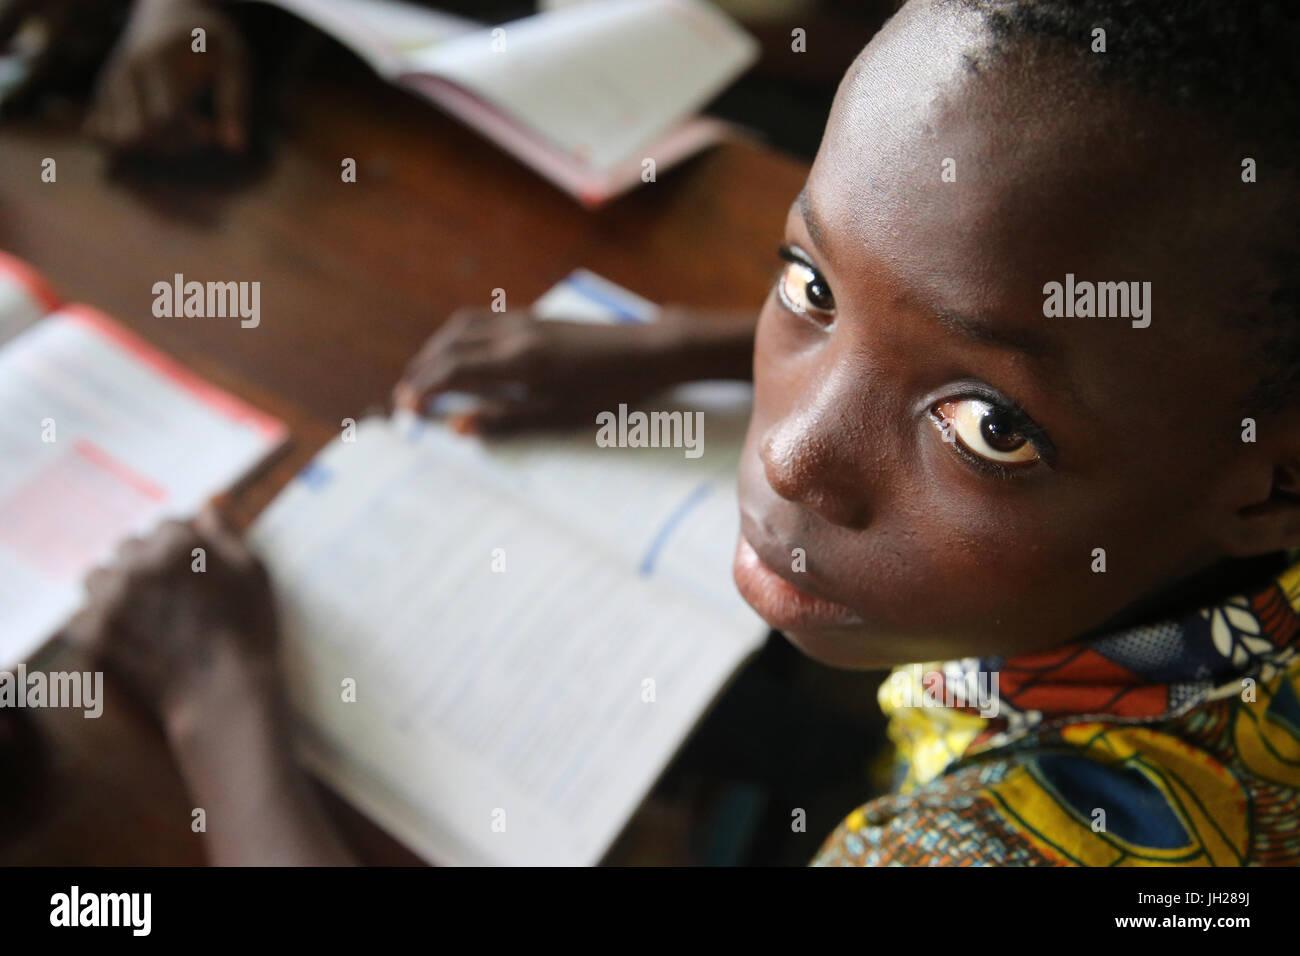 L'école primaire de l'Afrique. Enfant parrainé par l'ONG française: la chaîne de l'Espoir. La bibliothèque. Lome. Le Togo. Banque D'Images